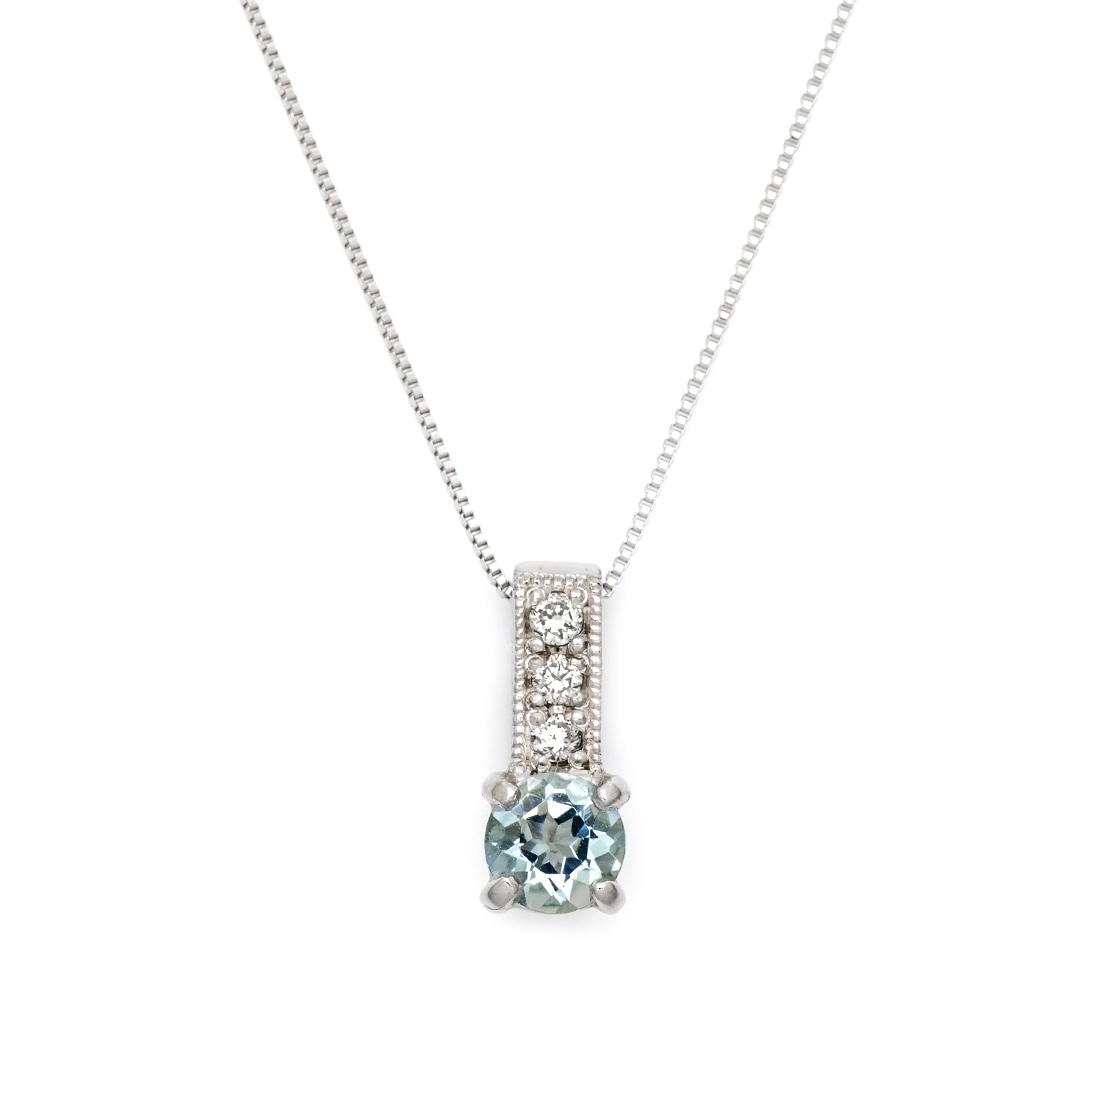 ペンダント アクアマリン ダイヤモンド 「fiorito」 ゴールド K18 ベネチアンチェーン